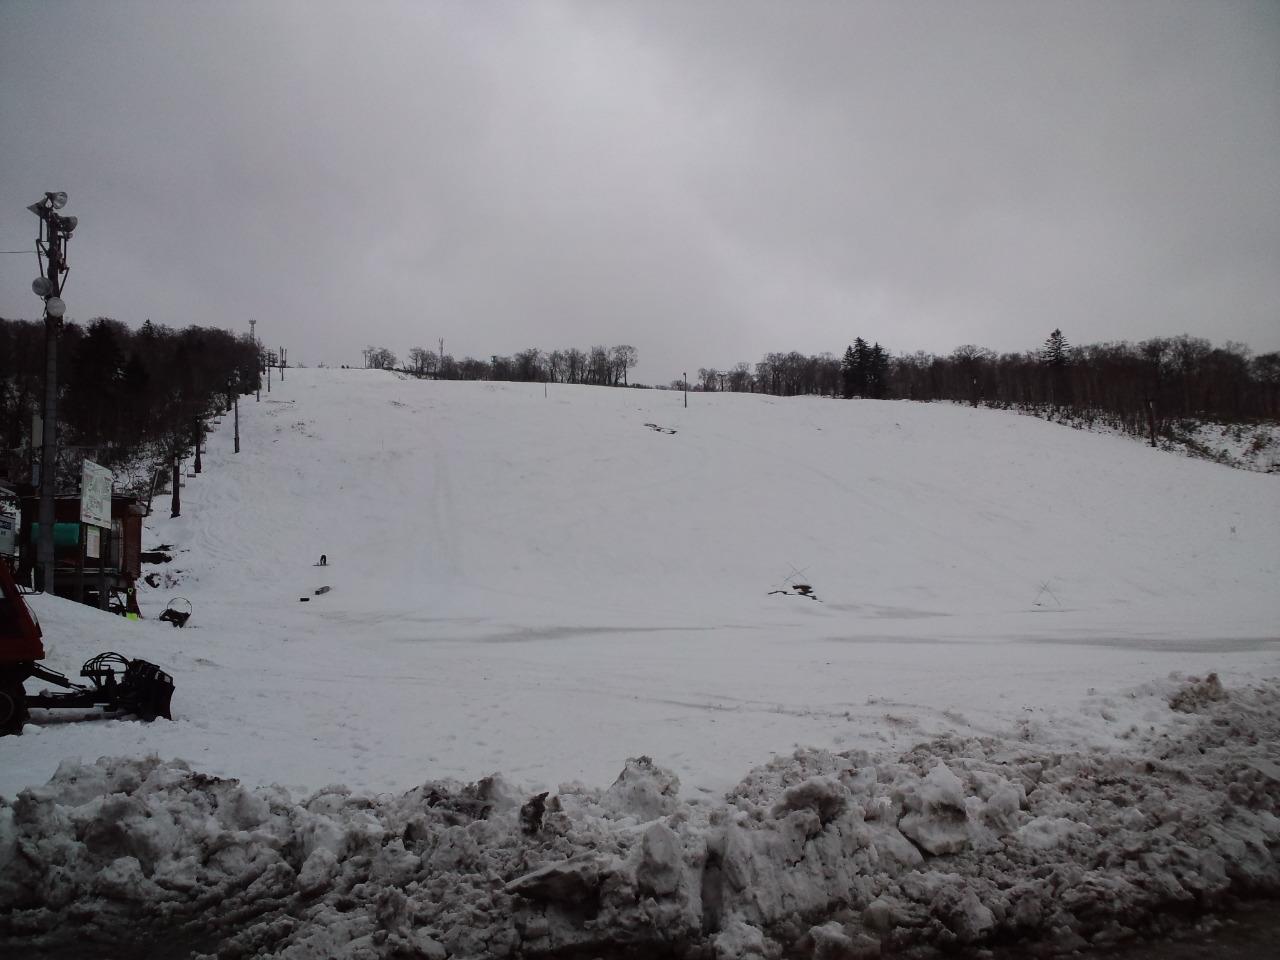 初滑り! 北海道中山峠スキー場_c0151965_15102773.jpg